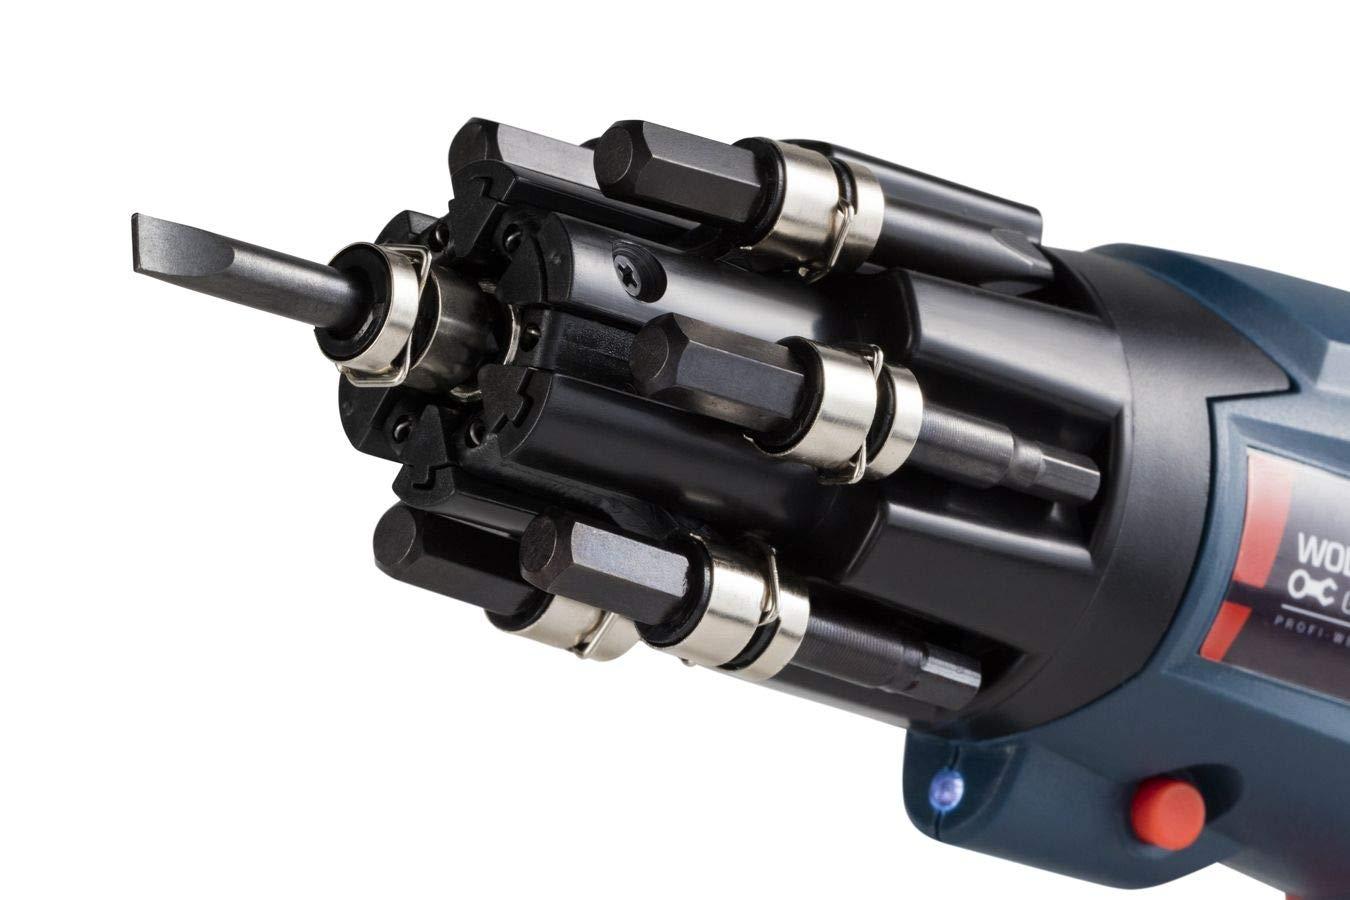 1500mAh Li-ion rallonge et boitier Poign/ée rotative a 90/° porte-embouts monter et assembler recharge rapide d1 heure 27 Bits Pour visser WOLFGANG Visseuse sans fil LED 3,6 V